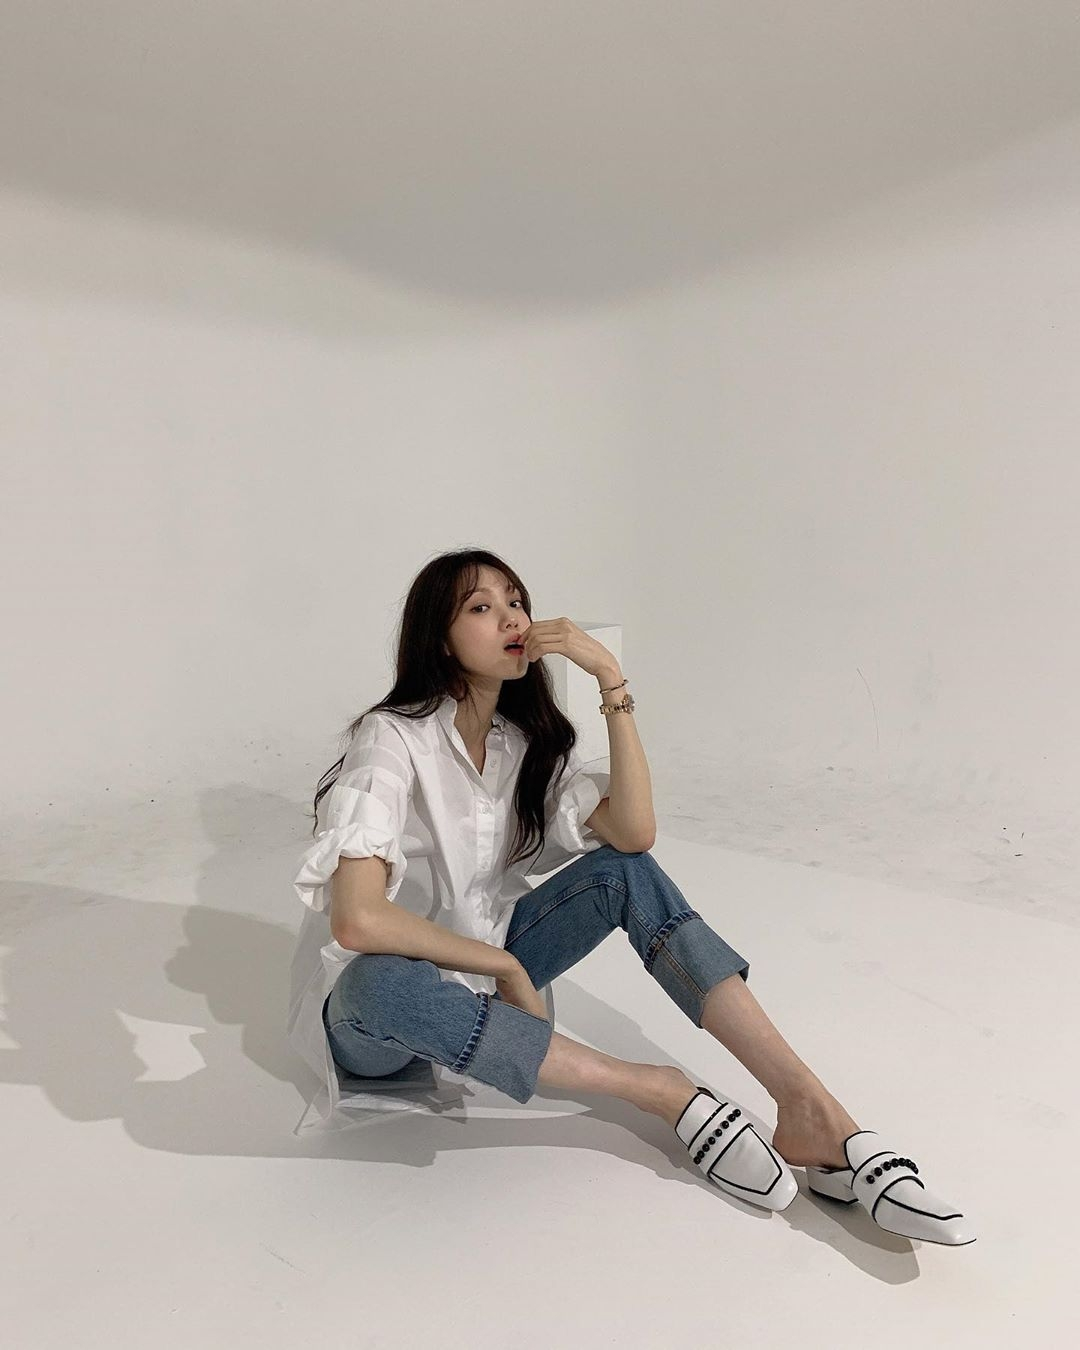 楊丞琳、韓素希都愛的白襯衫還可以這樣穿!學會立馬搭出女星們的時髦氣場